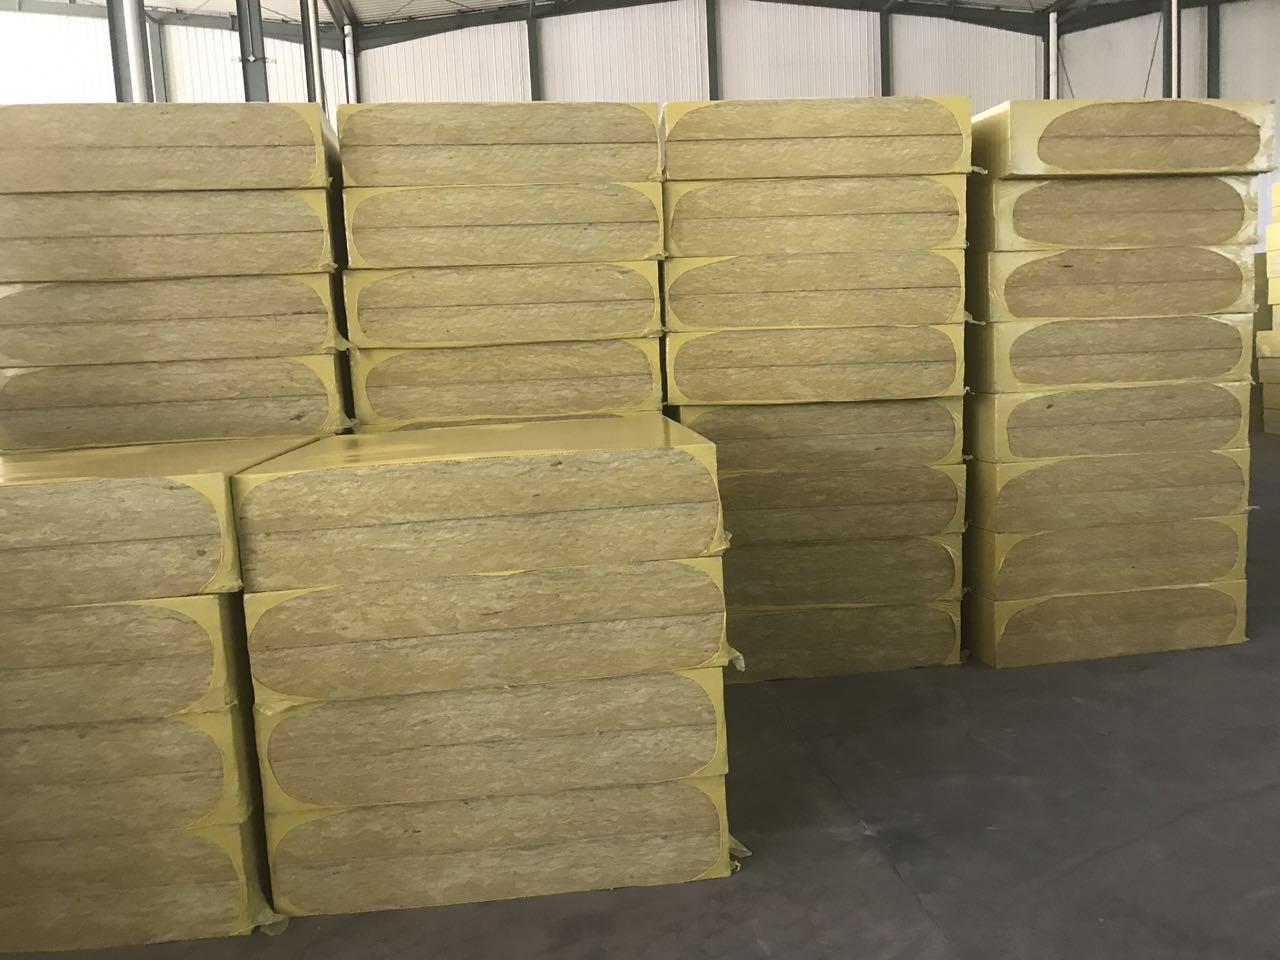 为您推荐廊坊美尚瑞有品质的玻璃棉复合板|建筑外墙顶棚保温裹覆增强玻璃纤维板